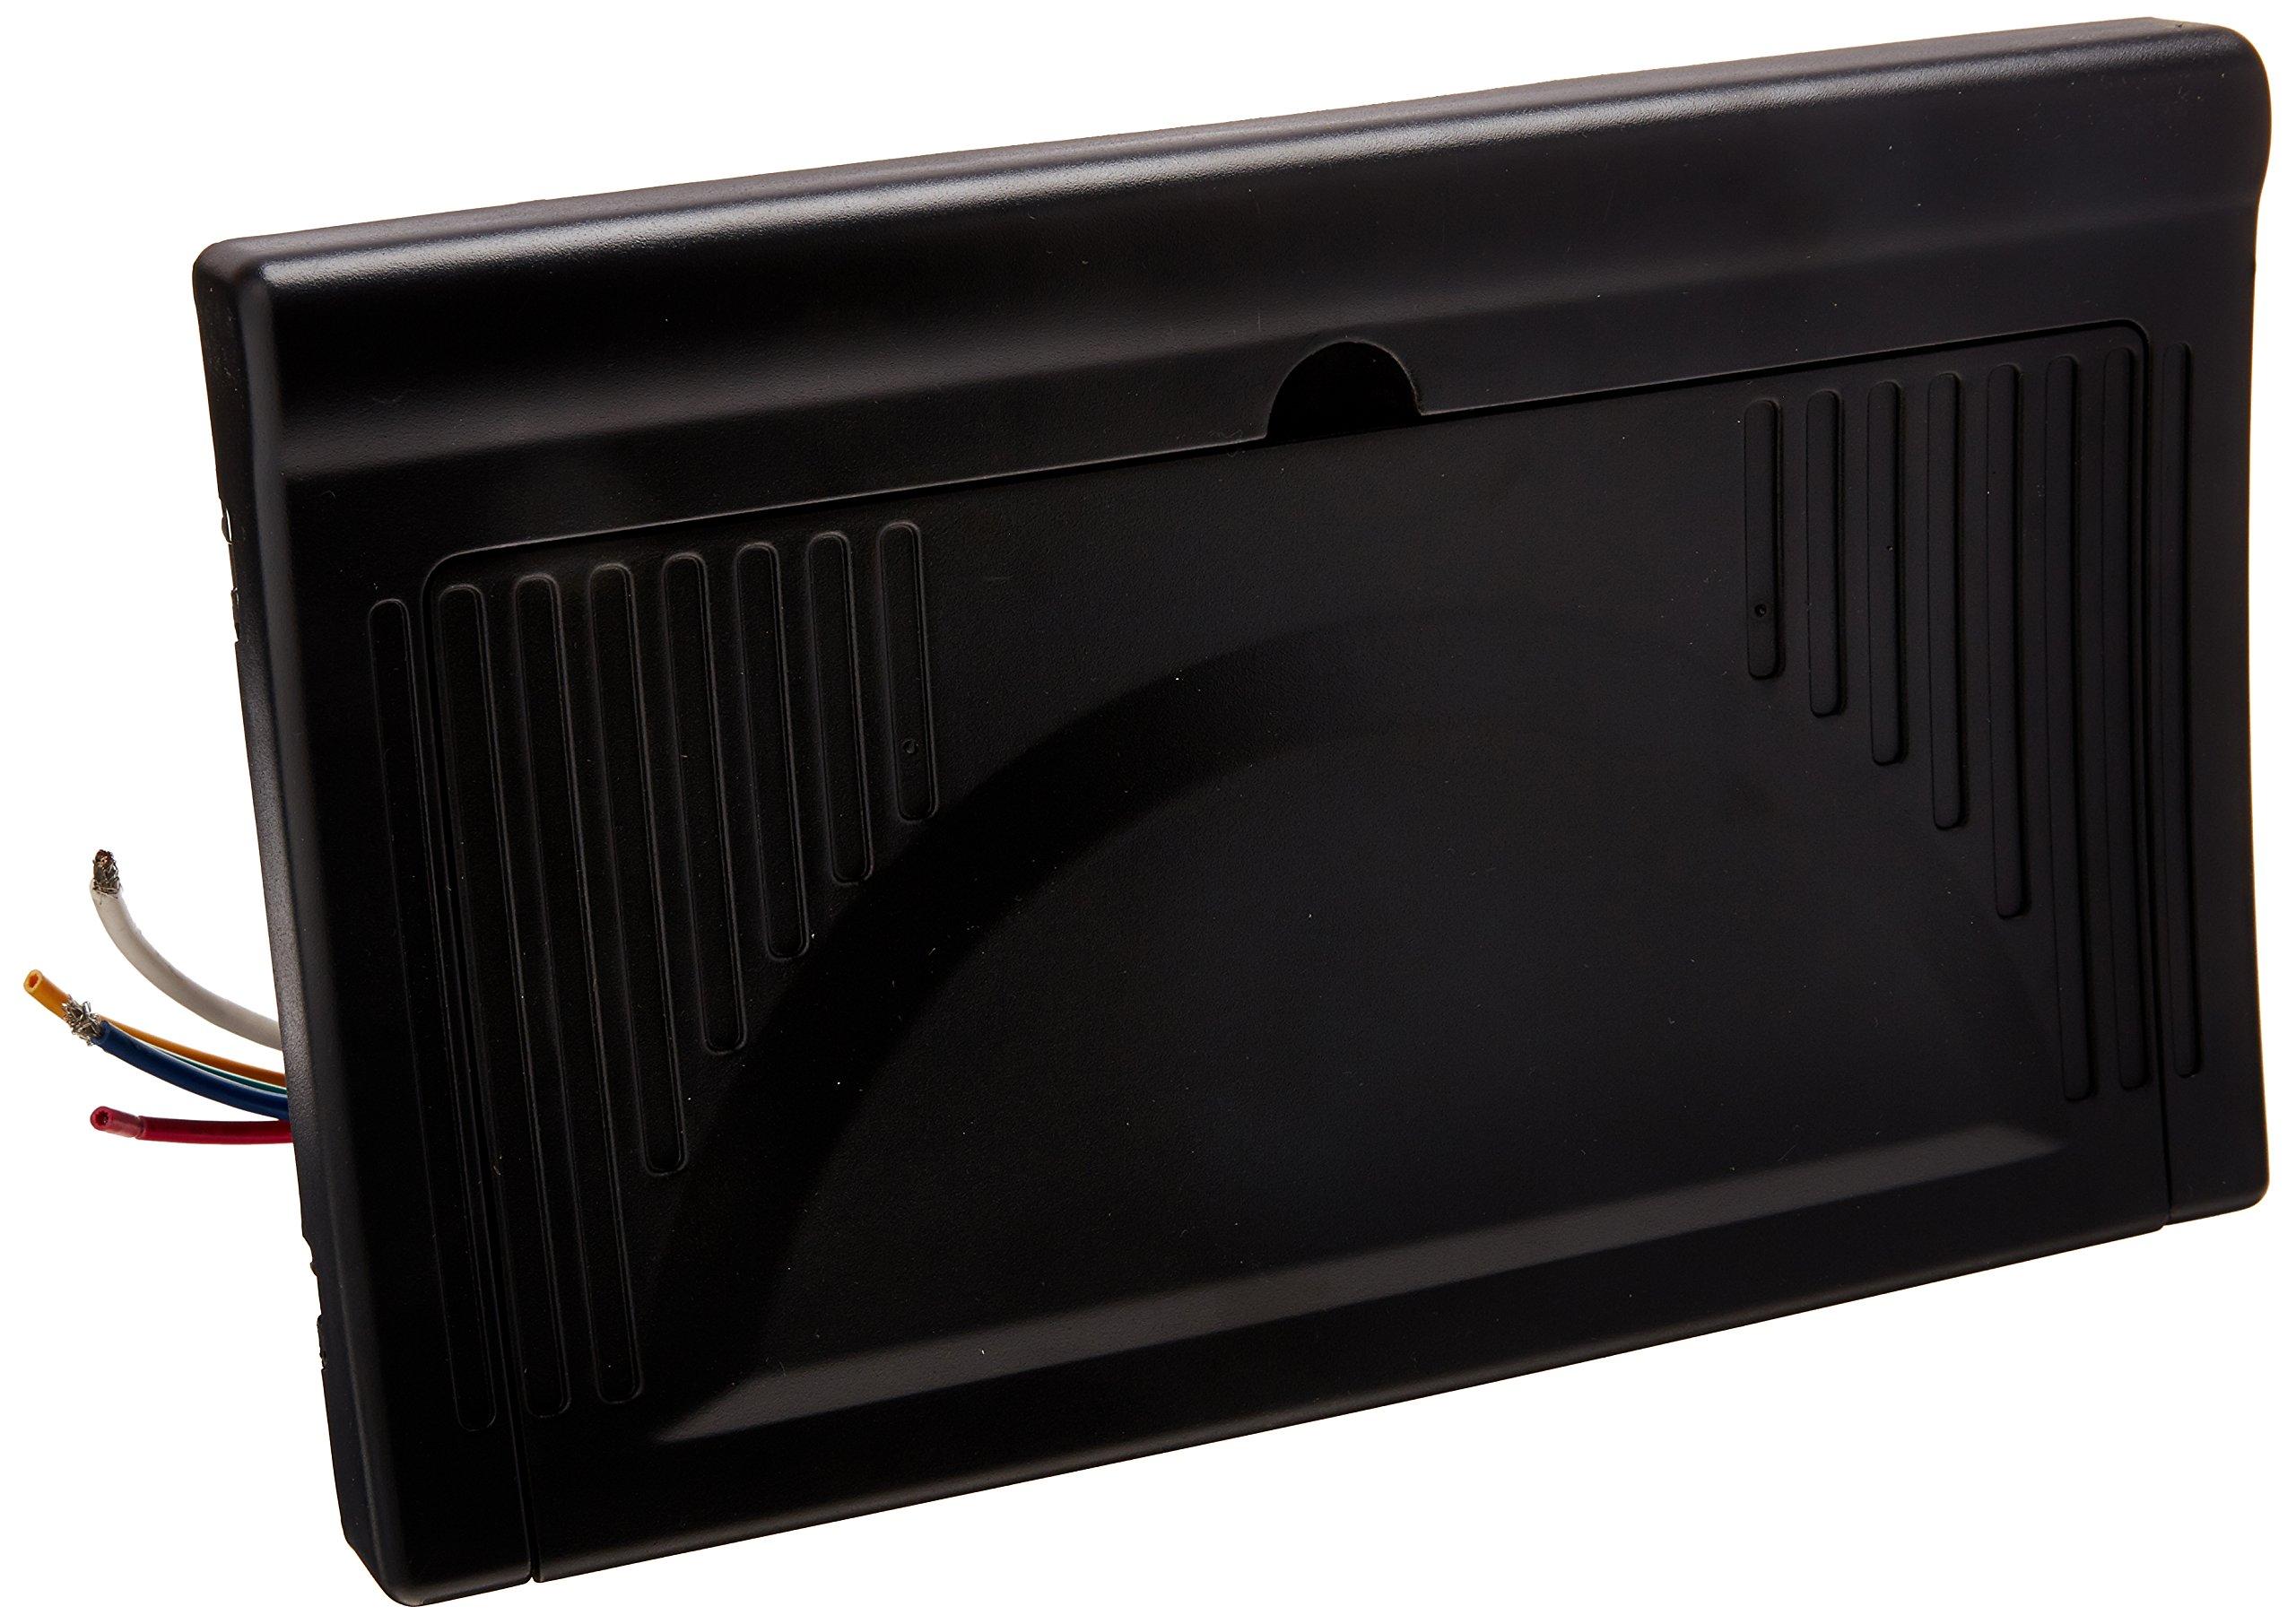 WFCO WF-8725-PB Black 25 Amp Power Center